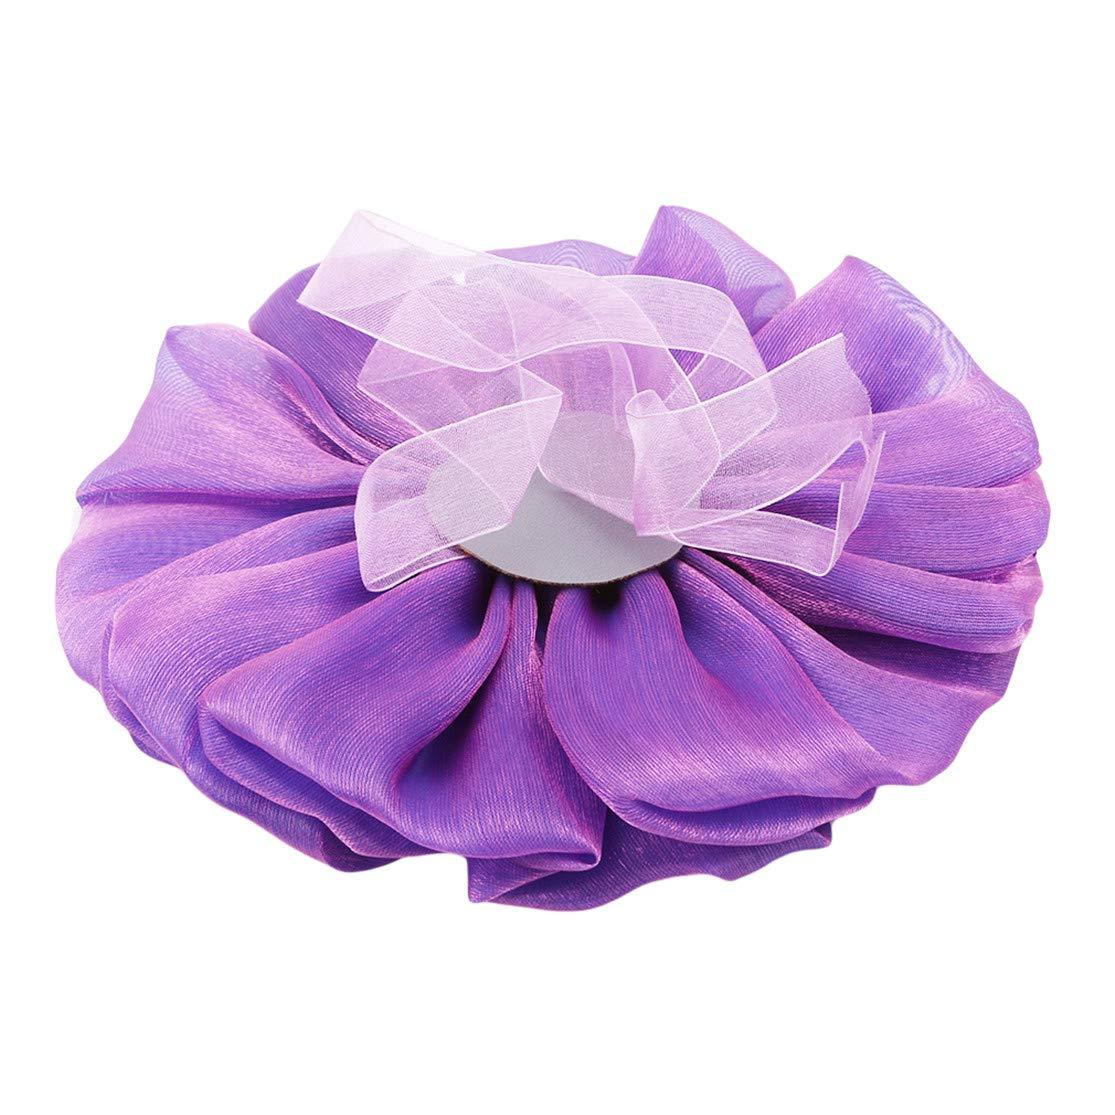 YESMAEay Rideau Tie Dos Crochets Dentelle Rose Fleurs Cravate Dos Noué Décoration Fenêtre Traitement Rideau Drapés Boucles Pattes Attache Fixation Rose